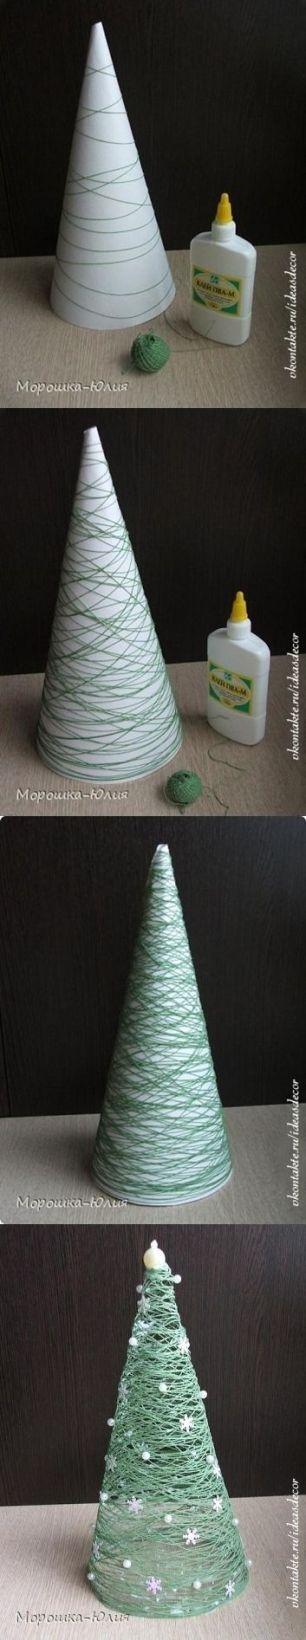 Adoro essa técnica de cola e linha! Um cone de isopor vai te ajudar a motar essa mini árvore linda! Imagem: http://www.craftingintherain.com/2012/11/cone-christmas-trees-ideas.html